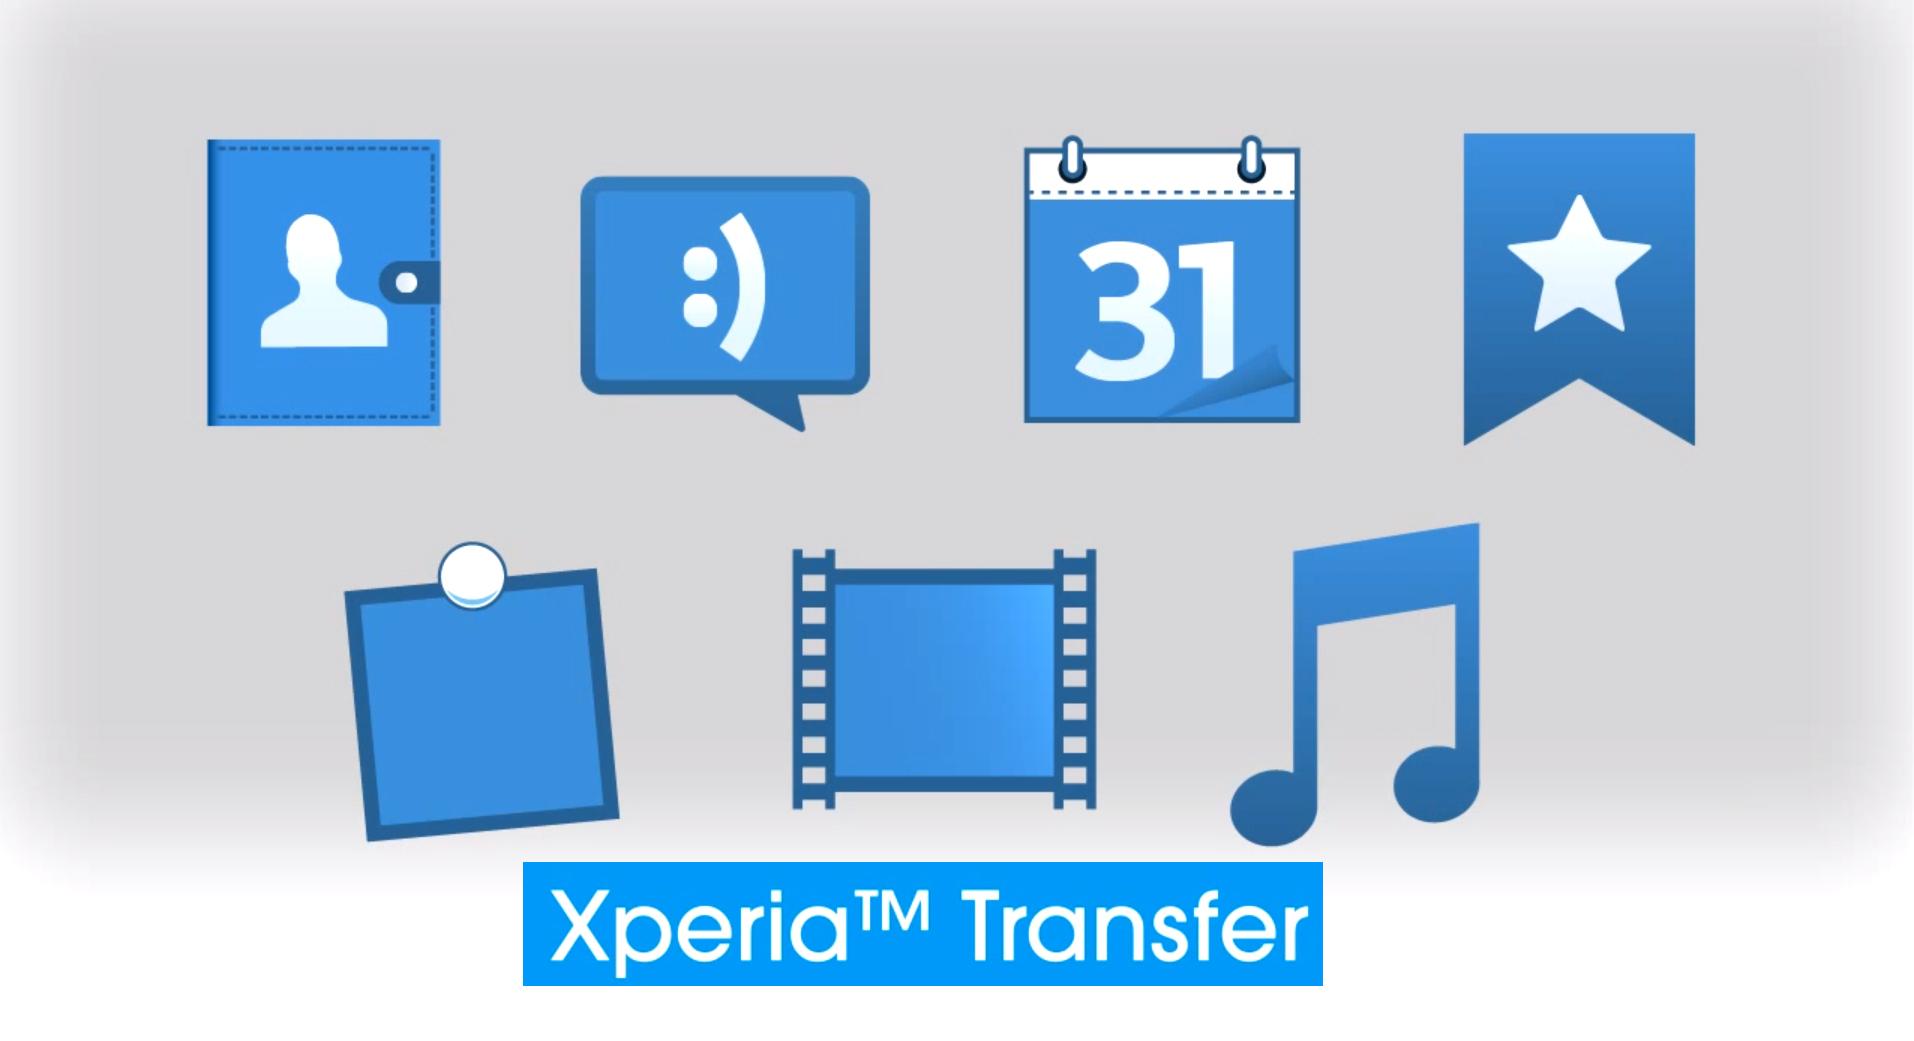 Xperia Transfer